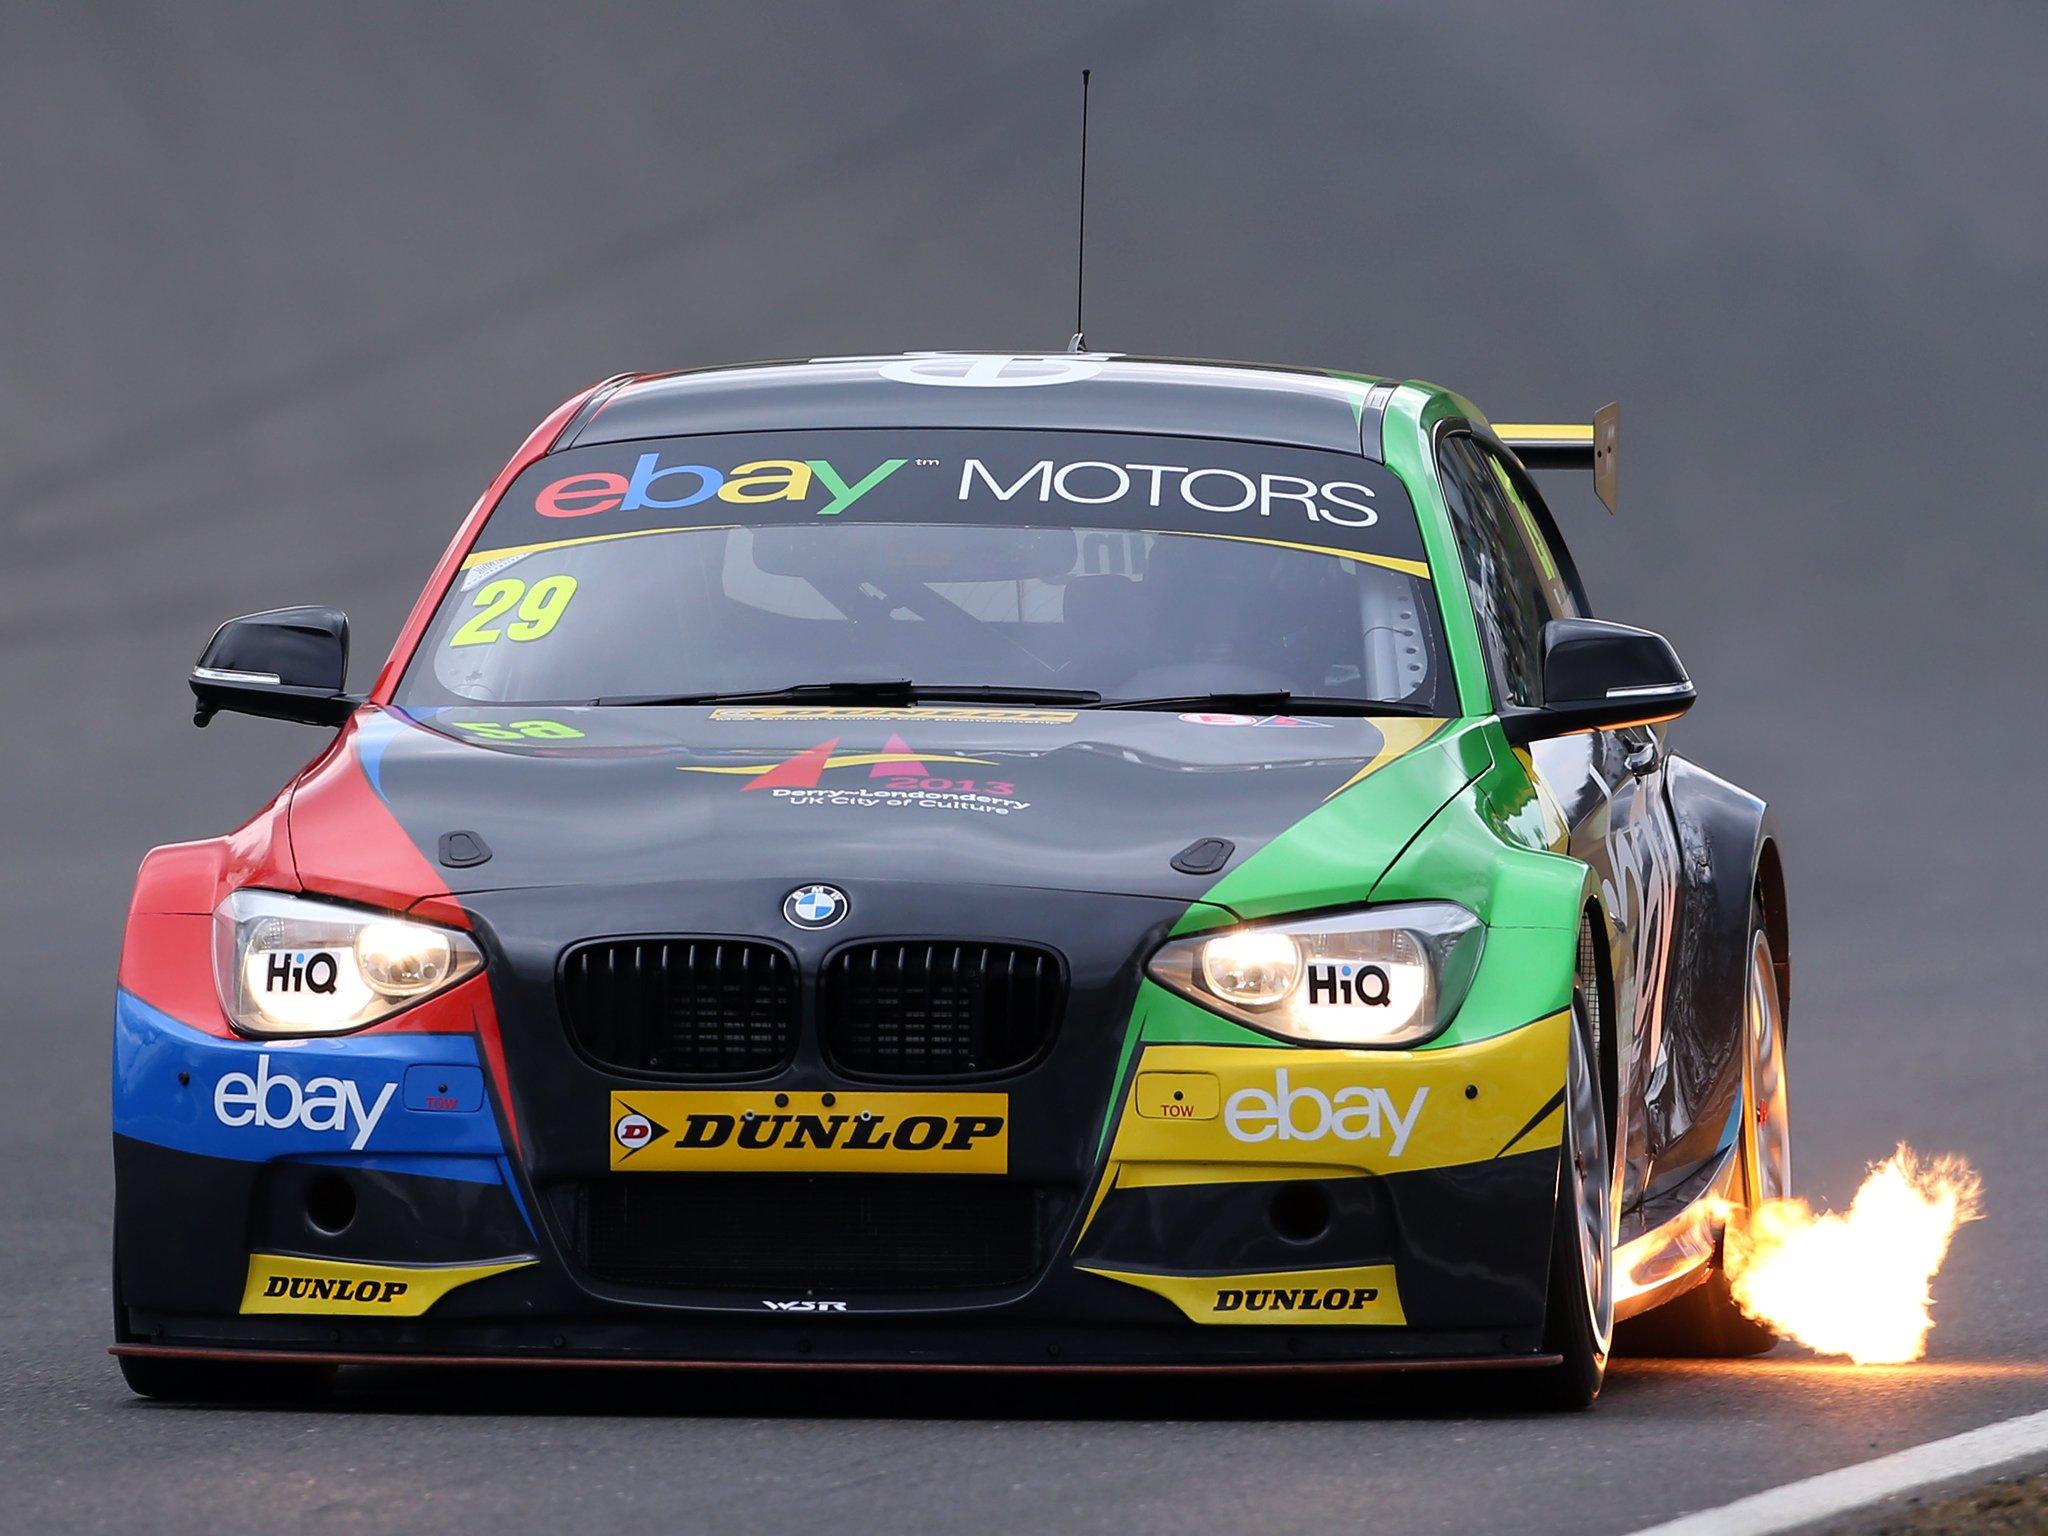 104 best btcc wtcc images on pinterest lace racing and cars voltagebd Images